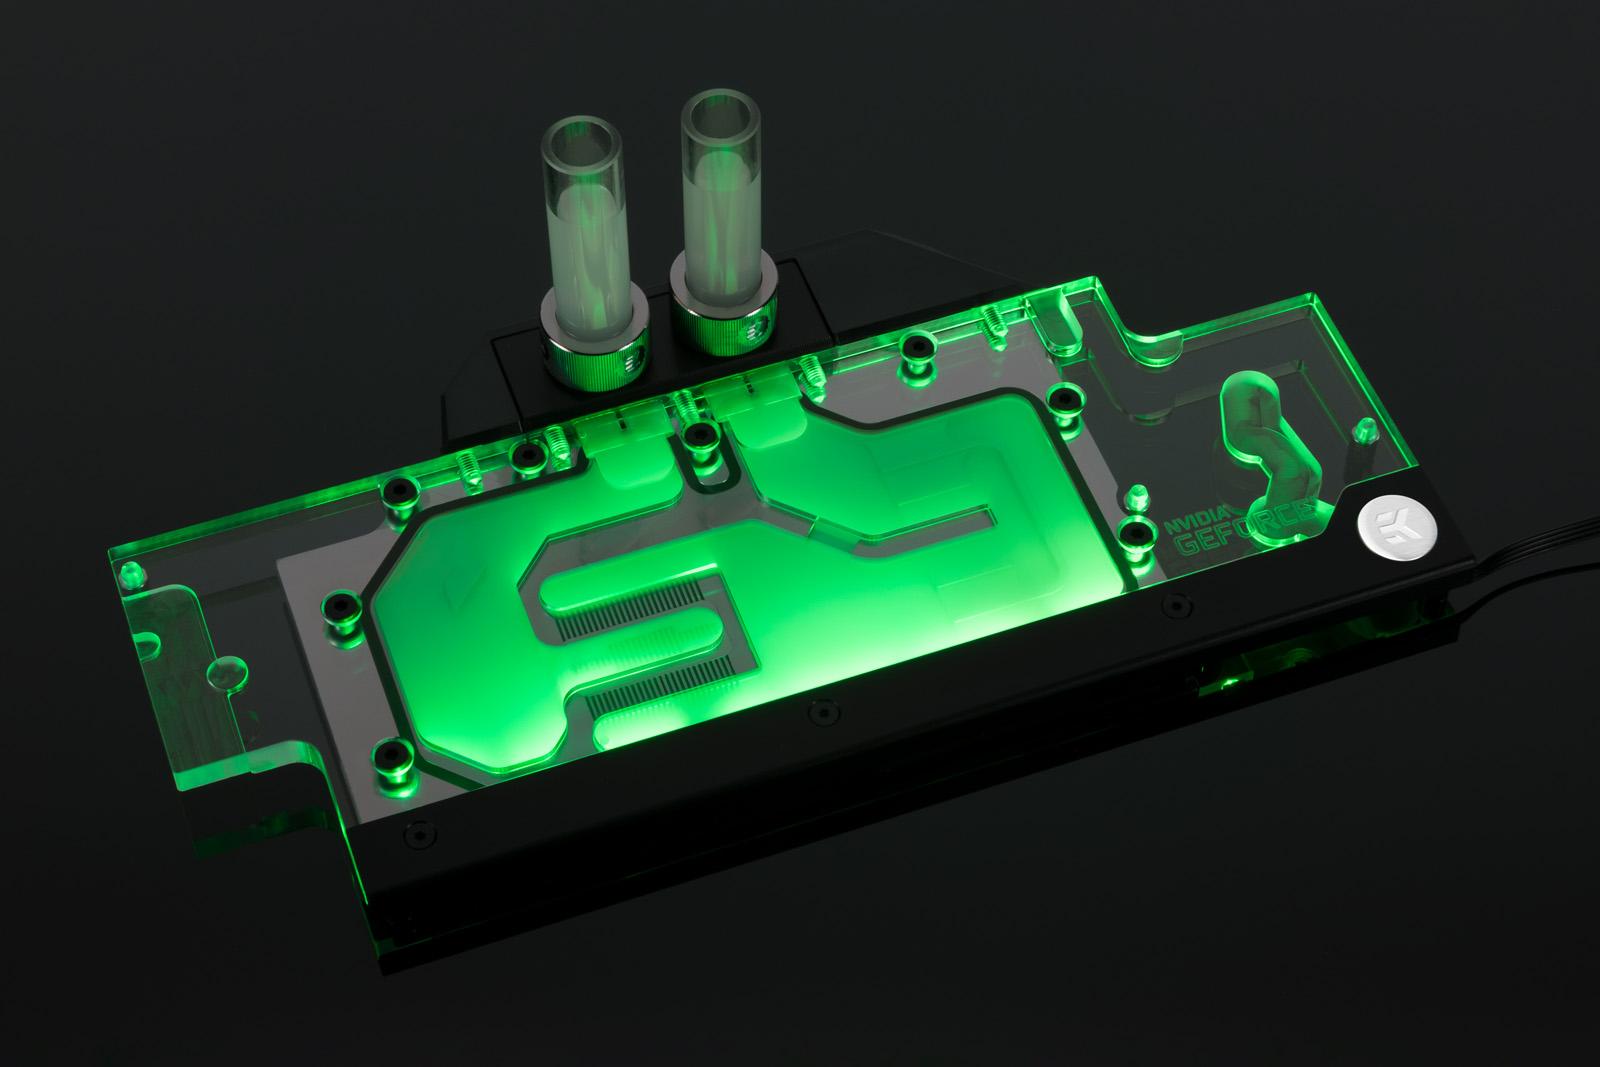 EK® is releasing an RGB water block for NVIDIA® GeForce® Founders